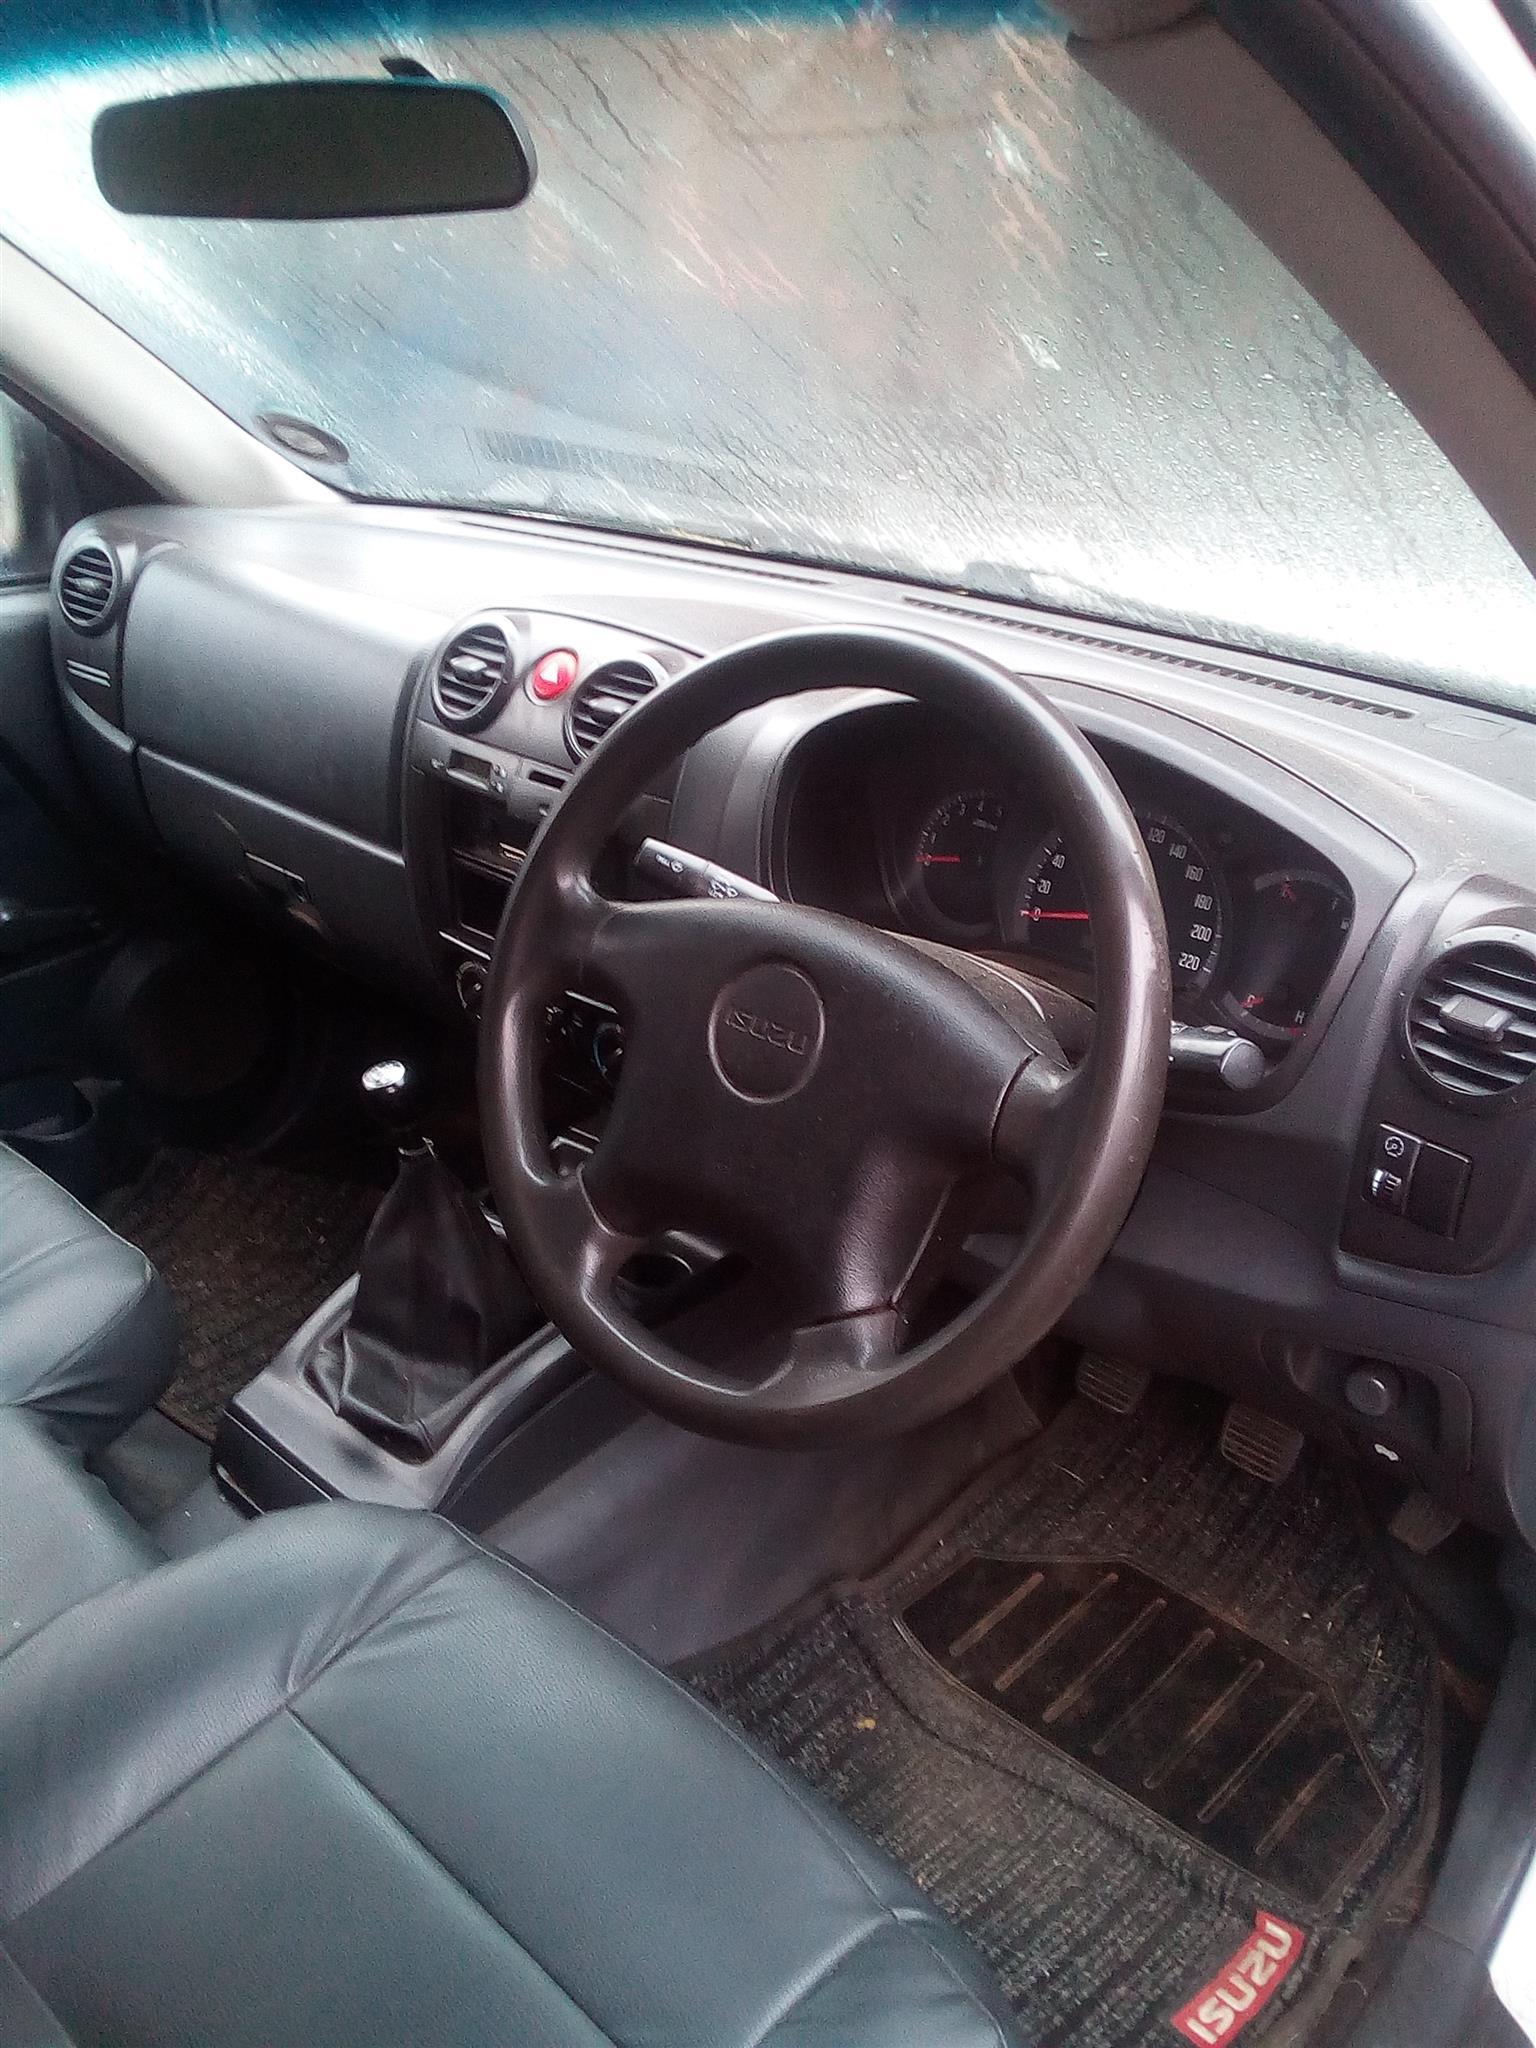 2011 Isuzu KB single cab KB 250D LEED FLEETSIDE P/U S/C